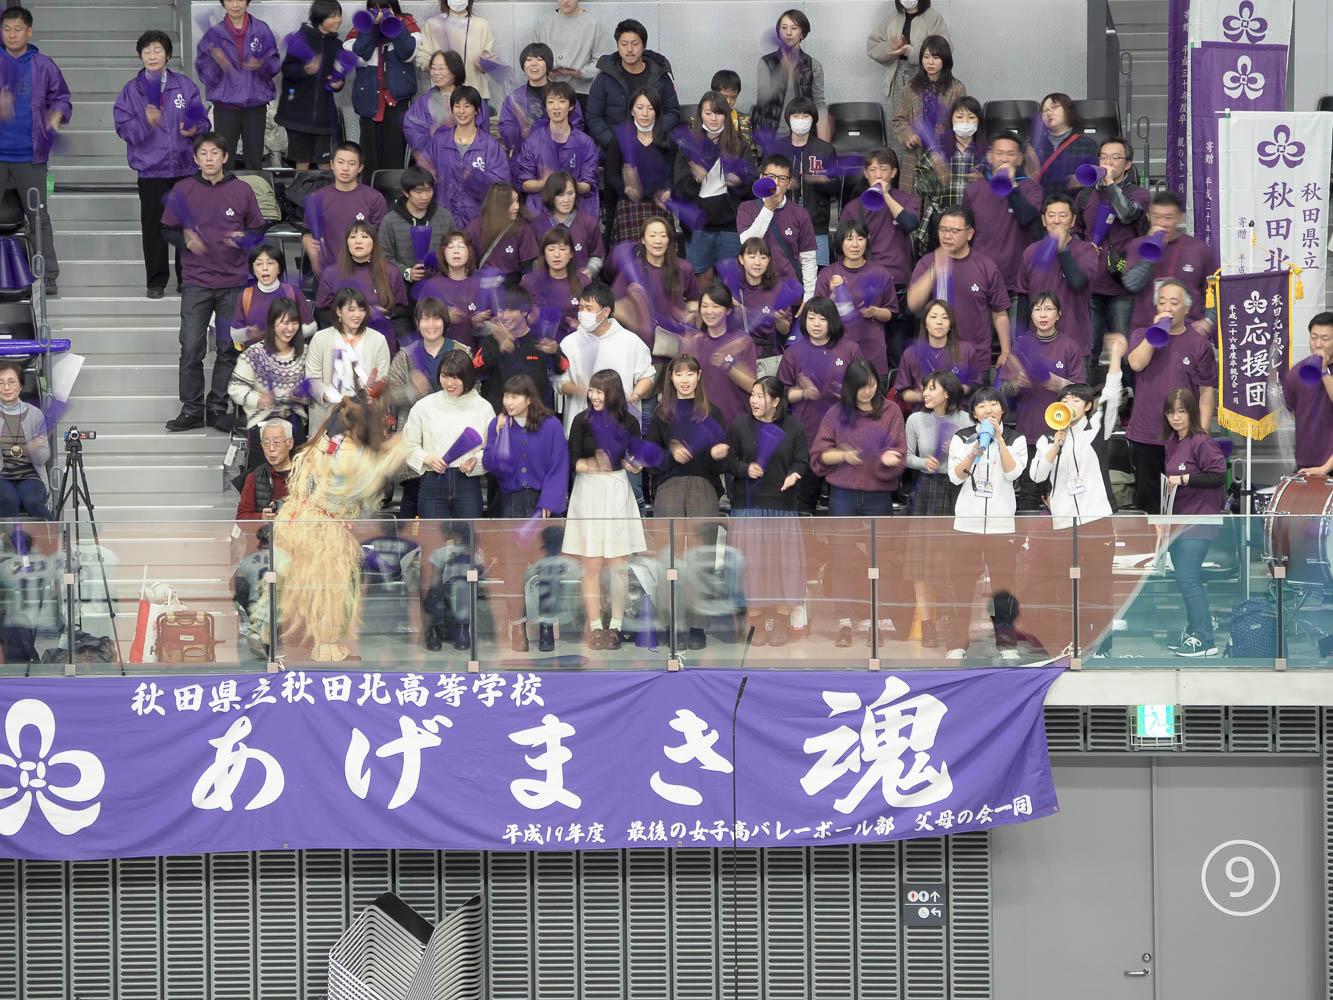 高校 秋田 北